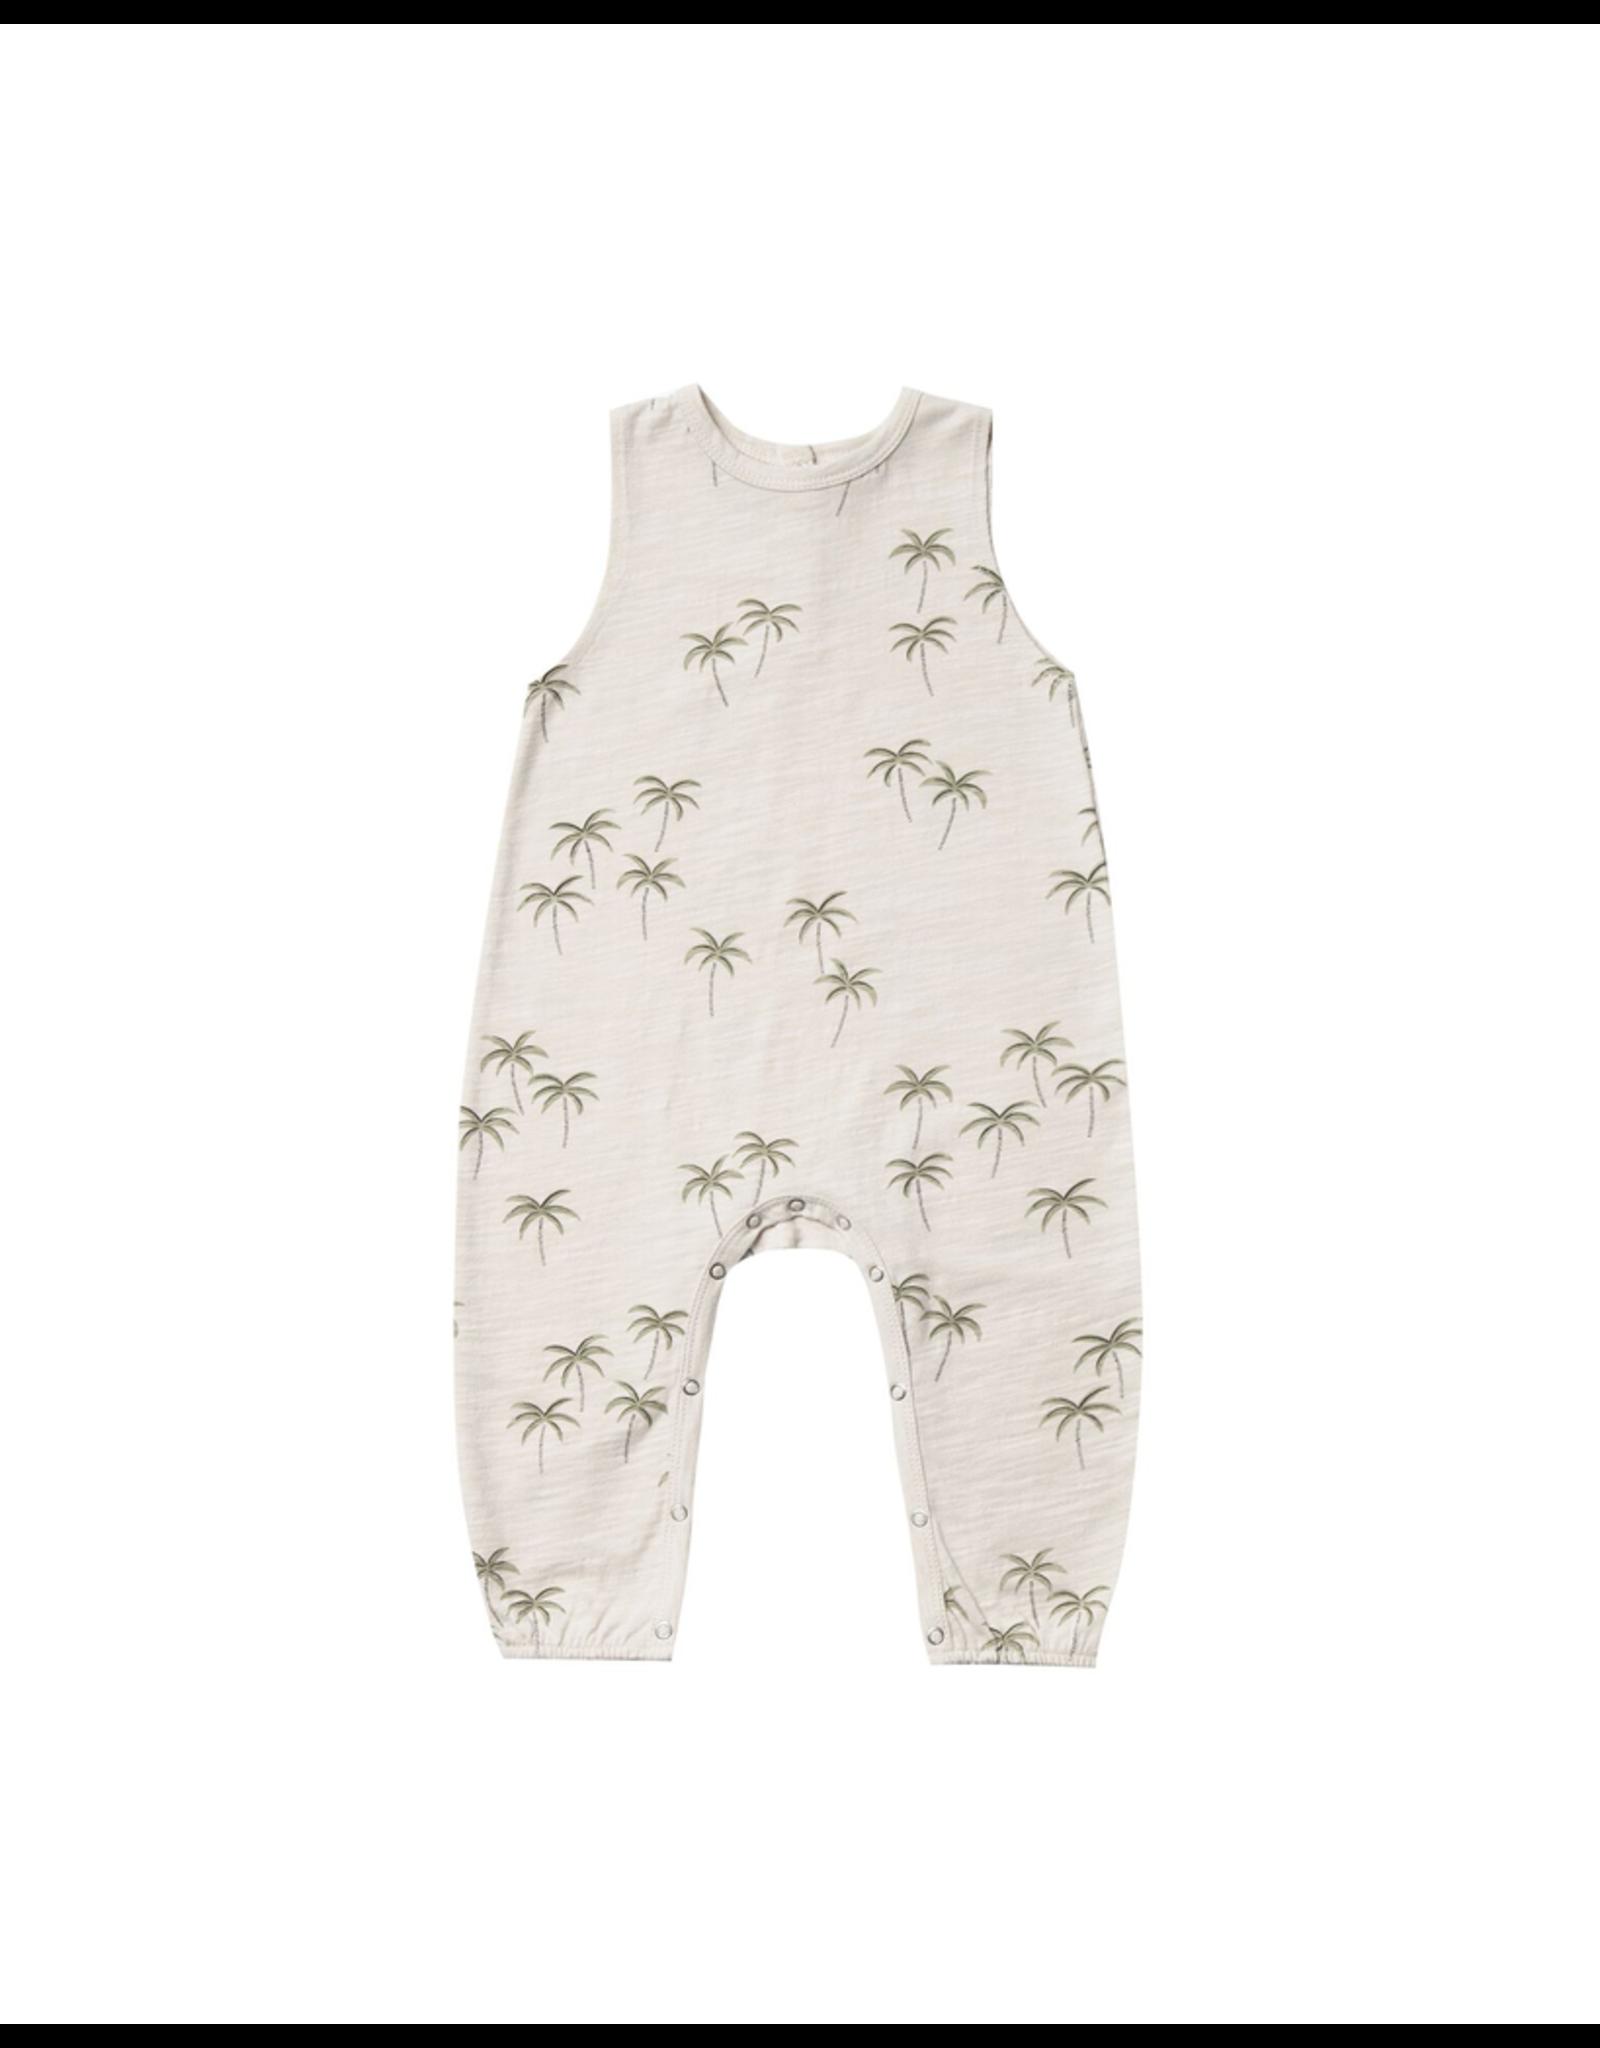 rylee cru rylee + cru palm mills jumpsuit